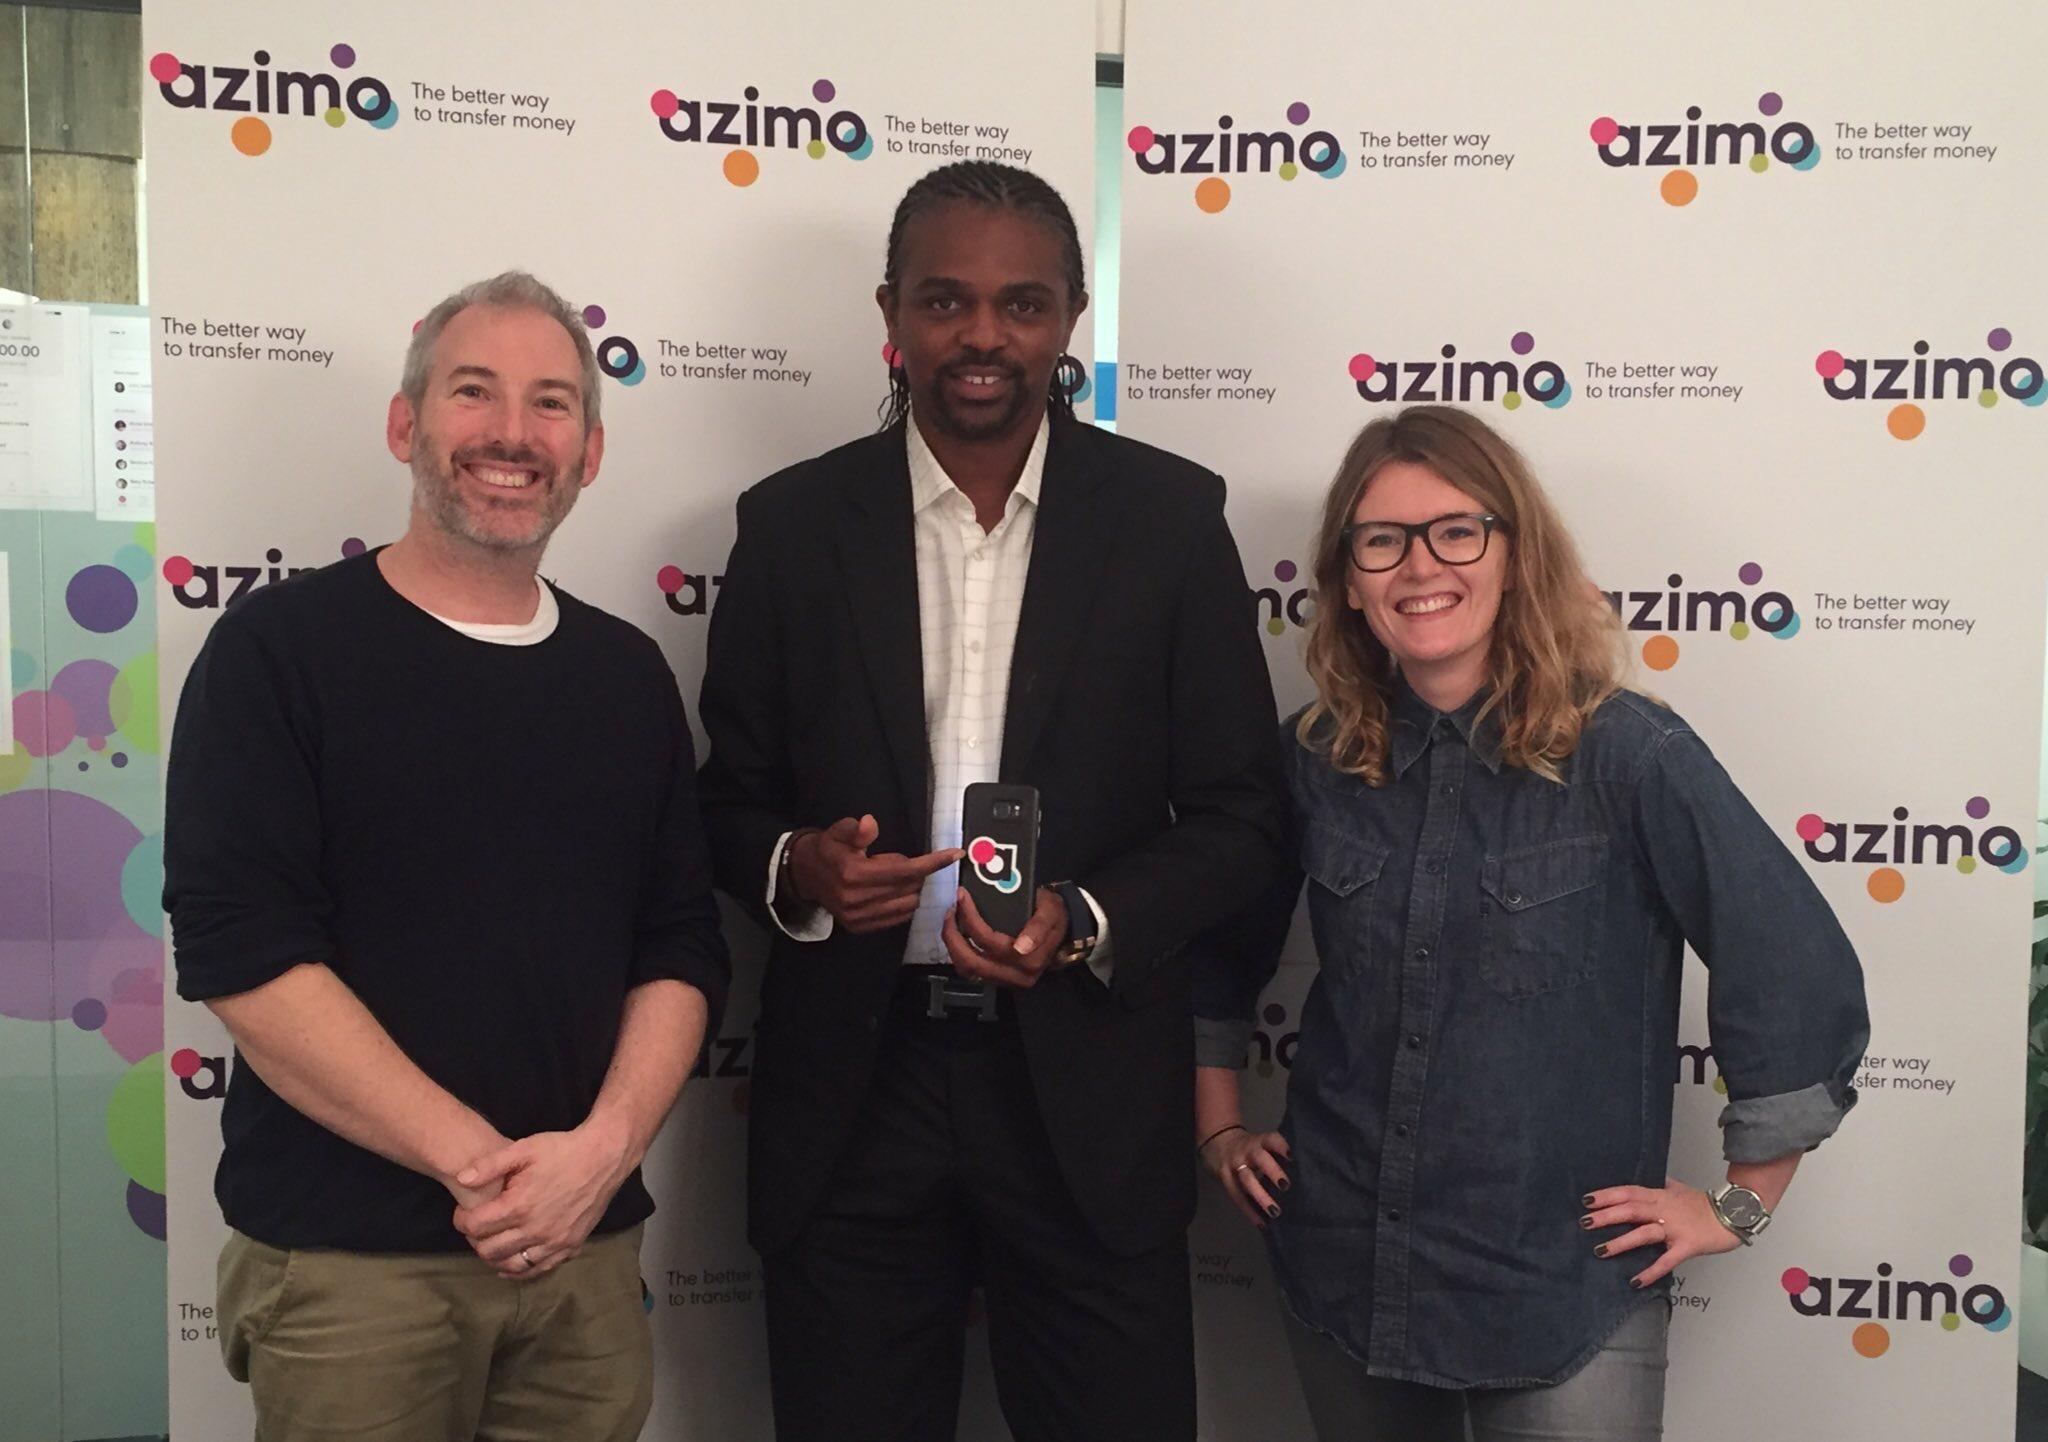 Le footballeur Kanu devient ambassadeur d'Azimo pour le lancement de son nouveau service au Nigeria